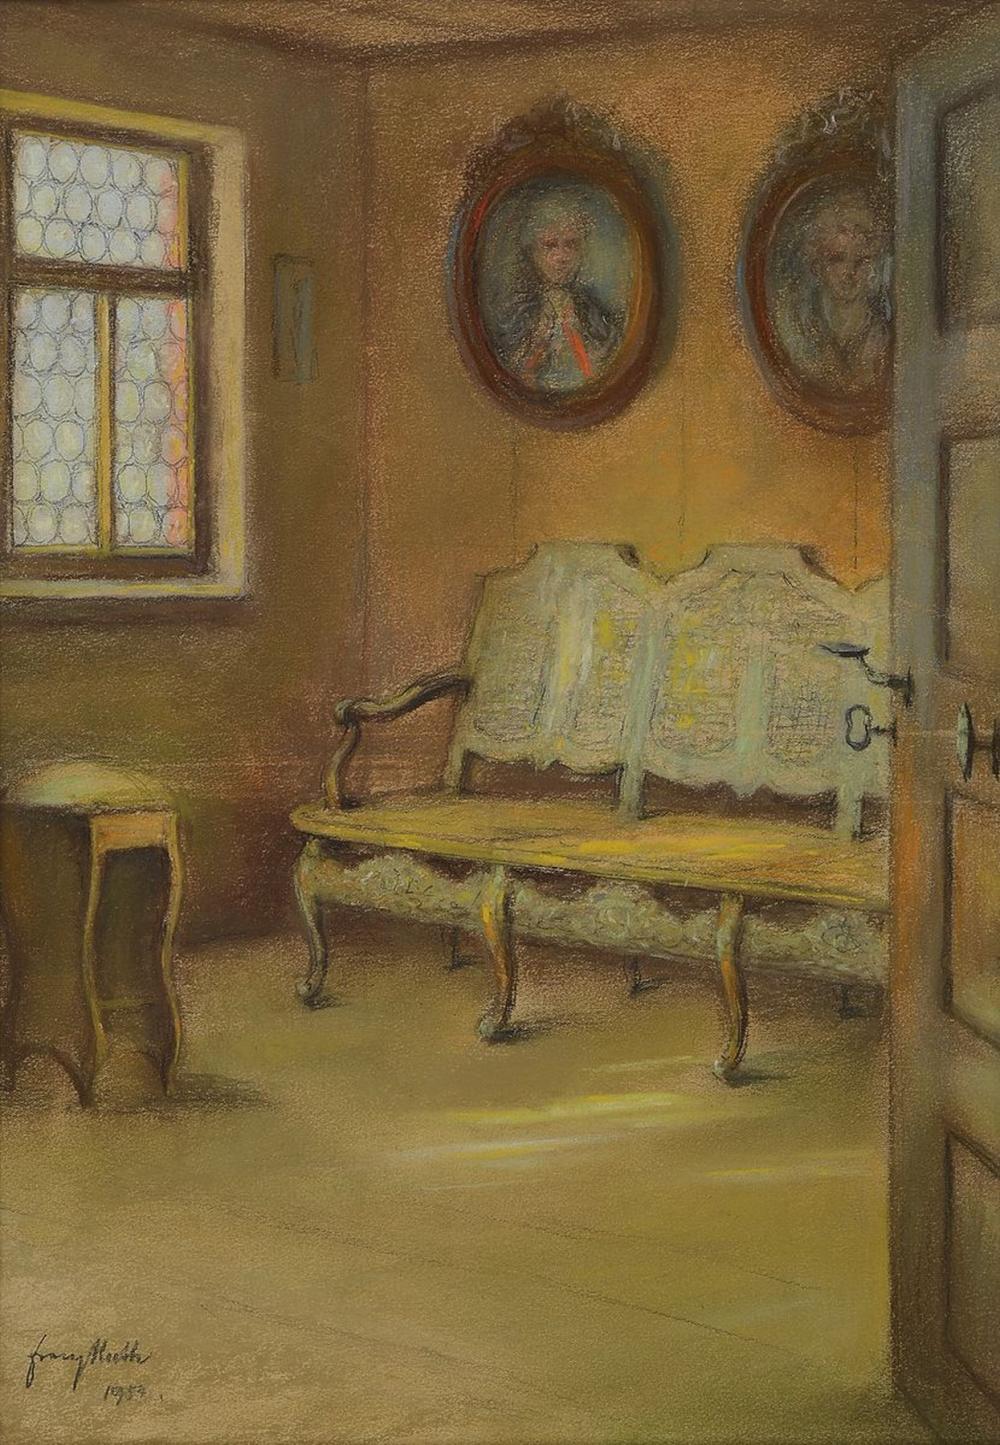 Franz Huth, 1876 Pößneck-1970 Weimar, Interieur